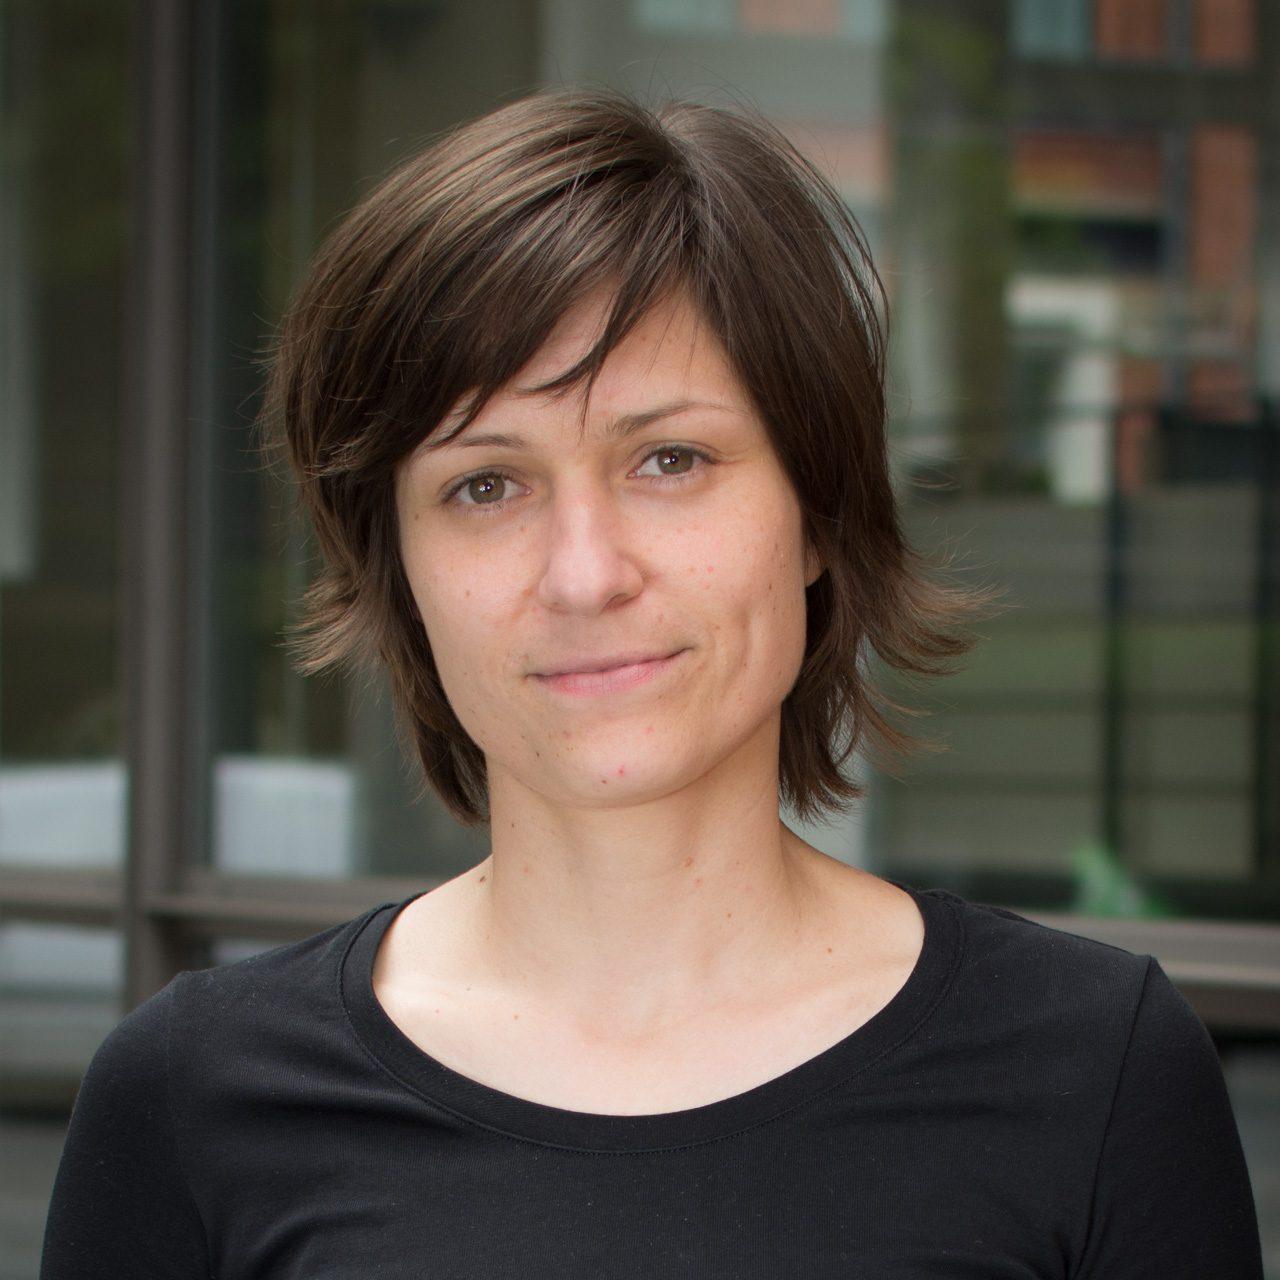 Nora Szeibel